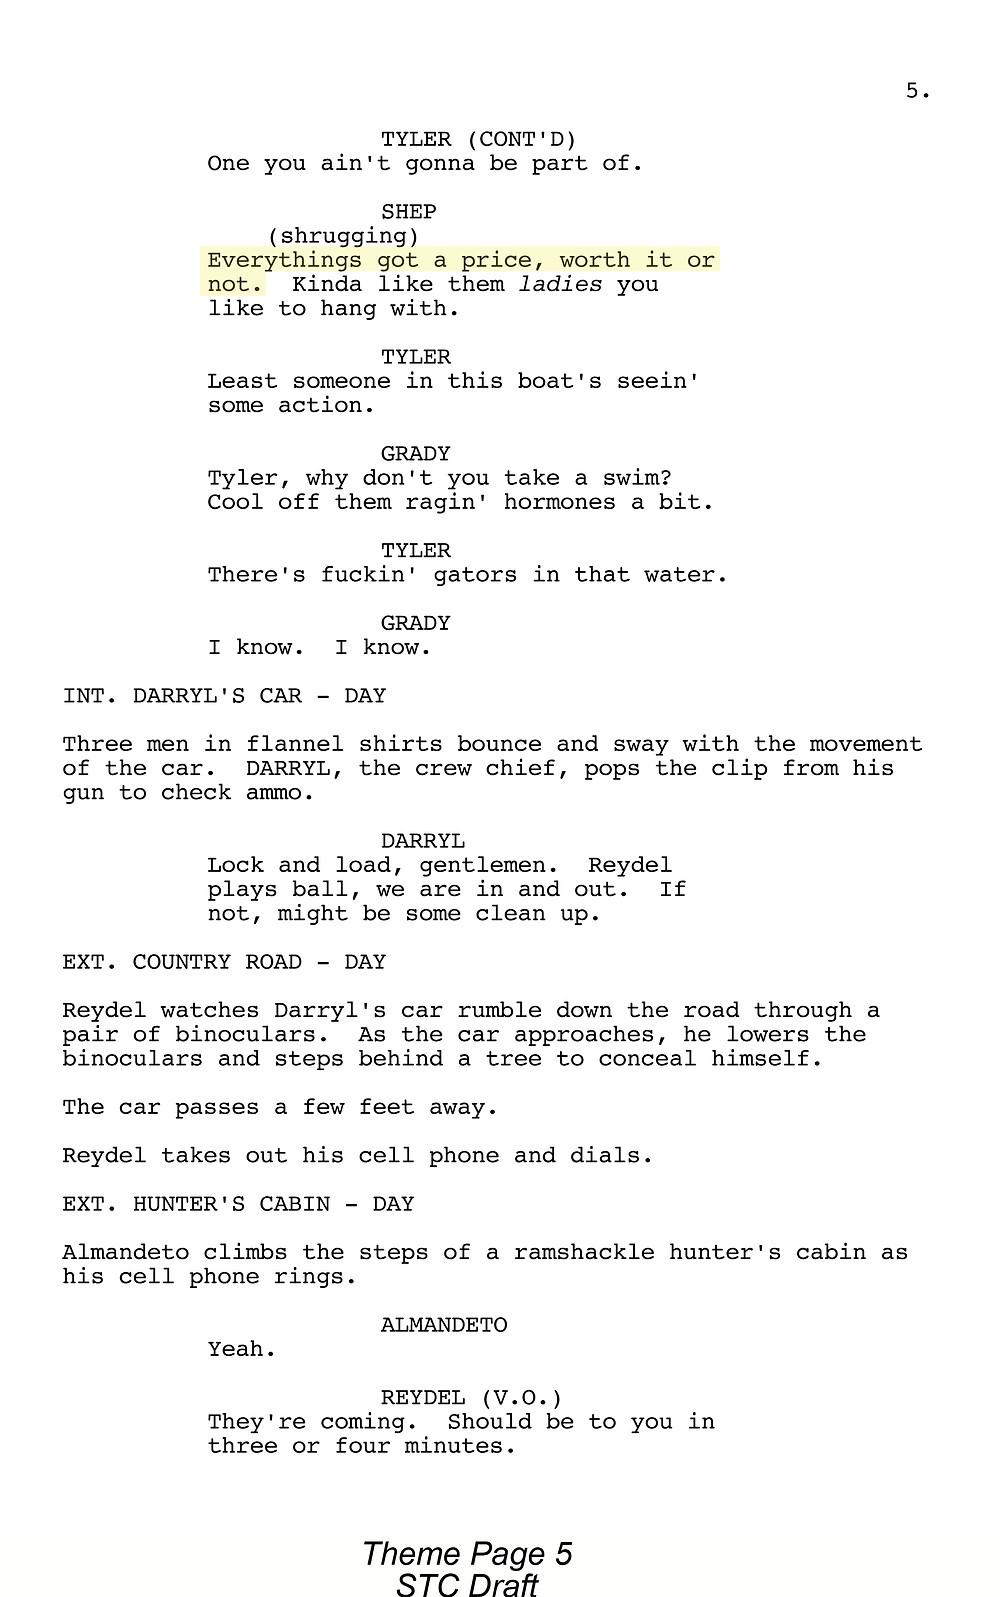 Theme Page 5